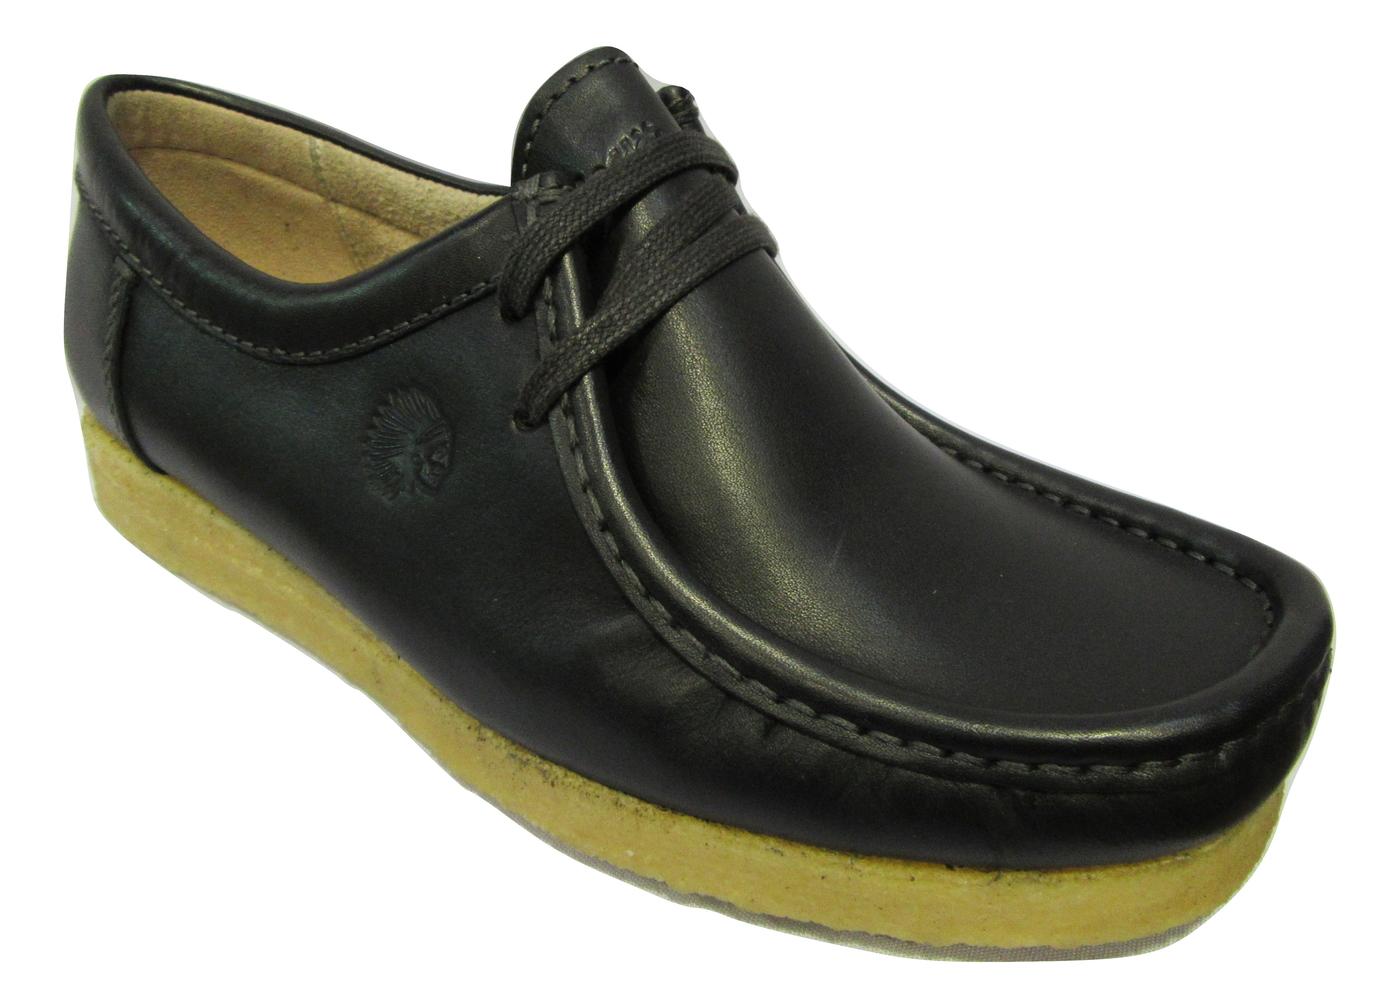 Chaussure confort chic SIOUX en cuir noir semelle crepe